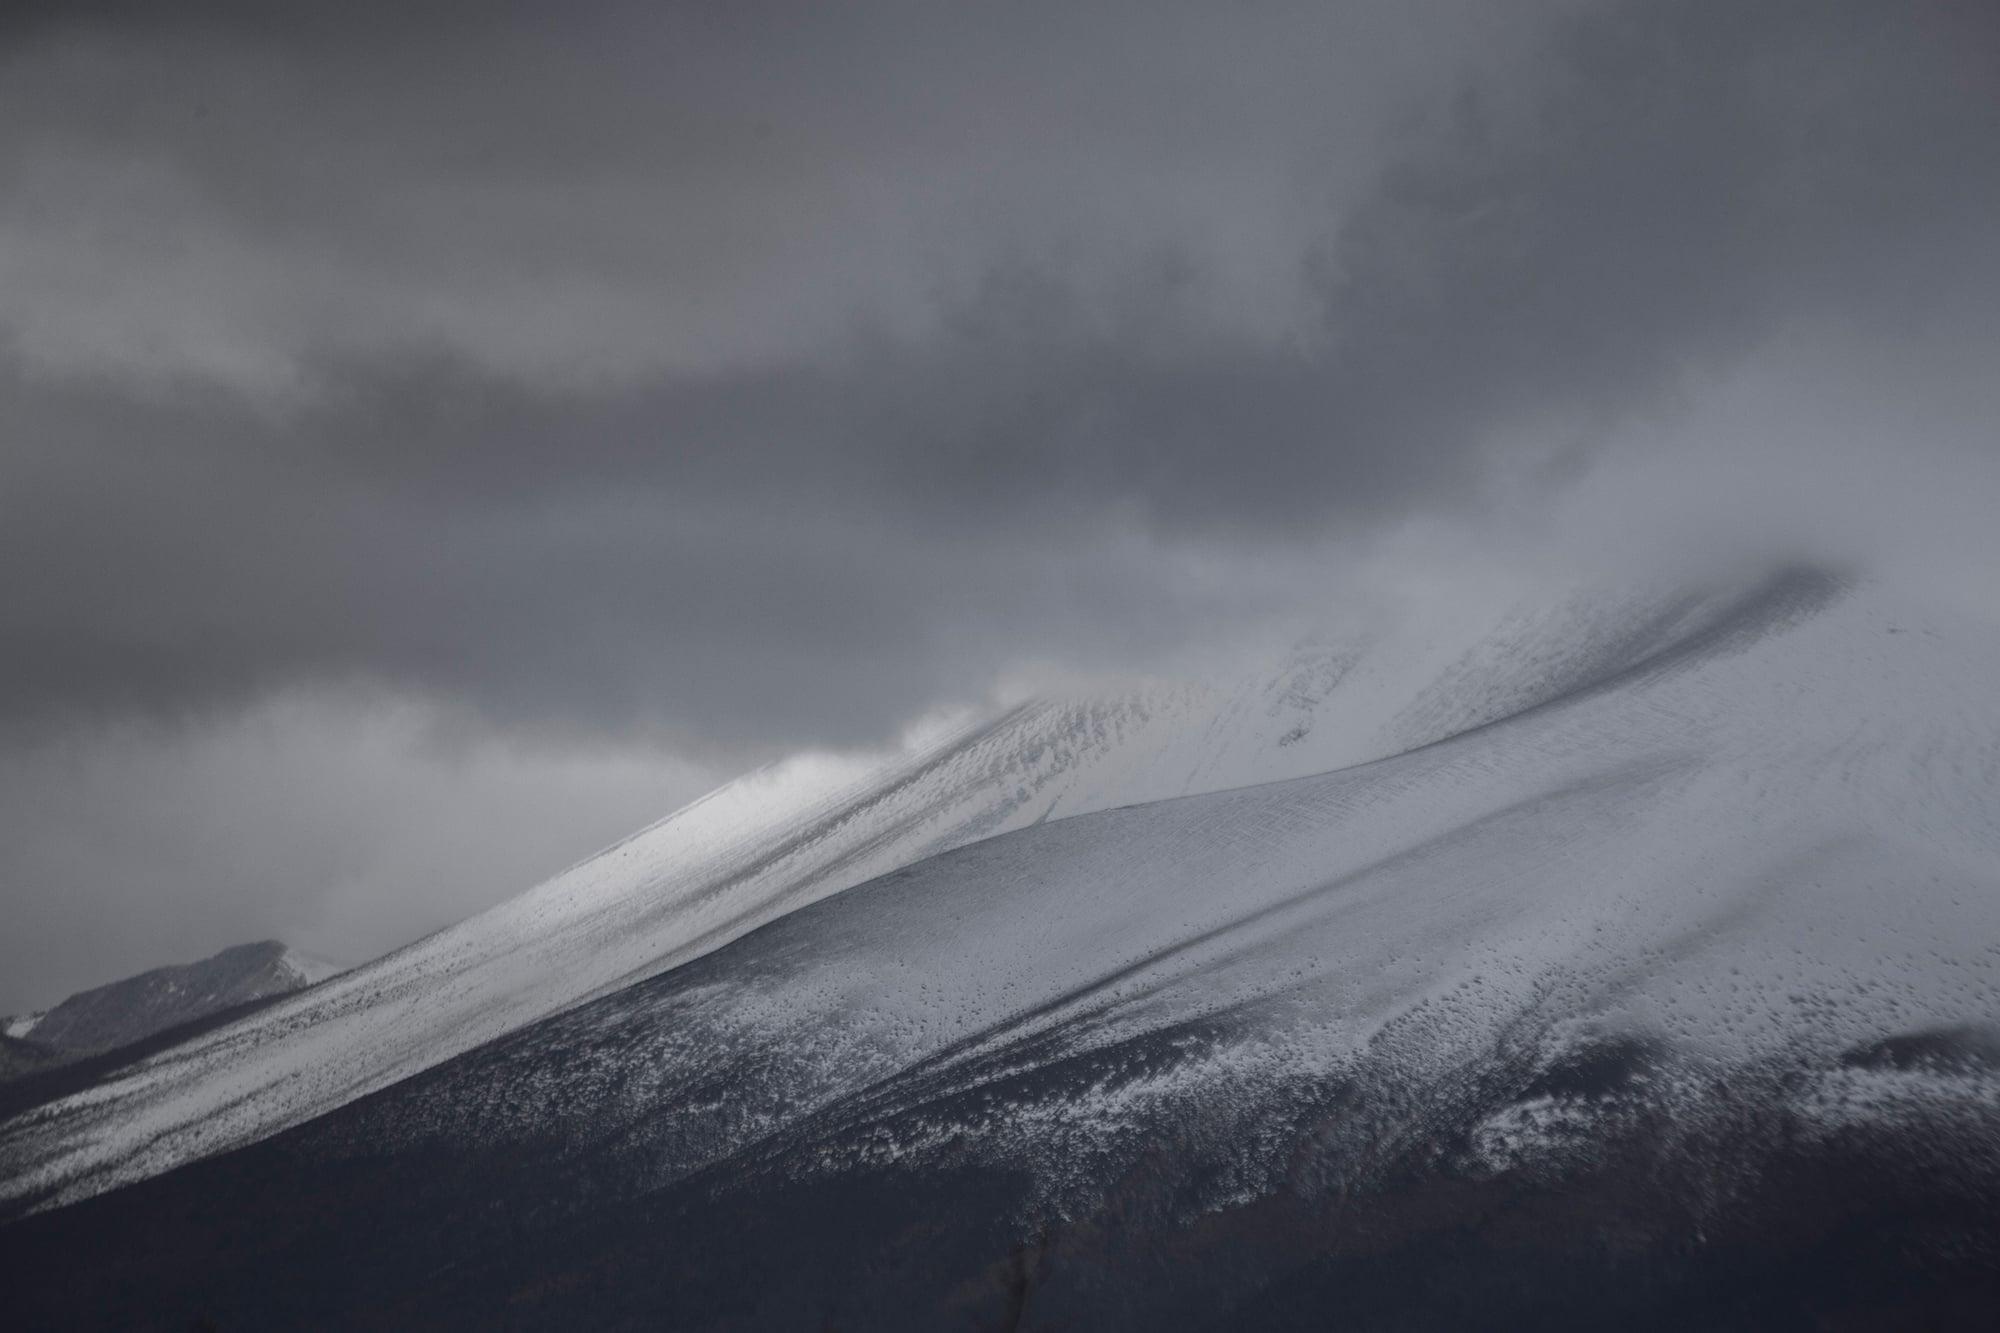 浅間山山頂に雪が積もるころ、軽井沢にも厳しい冬が訪れる。